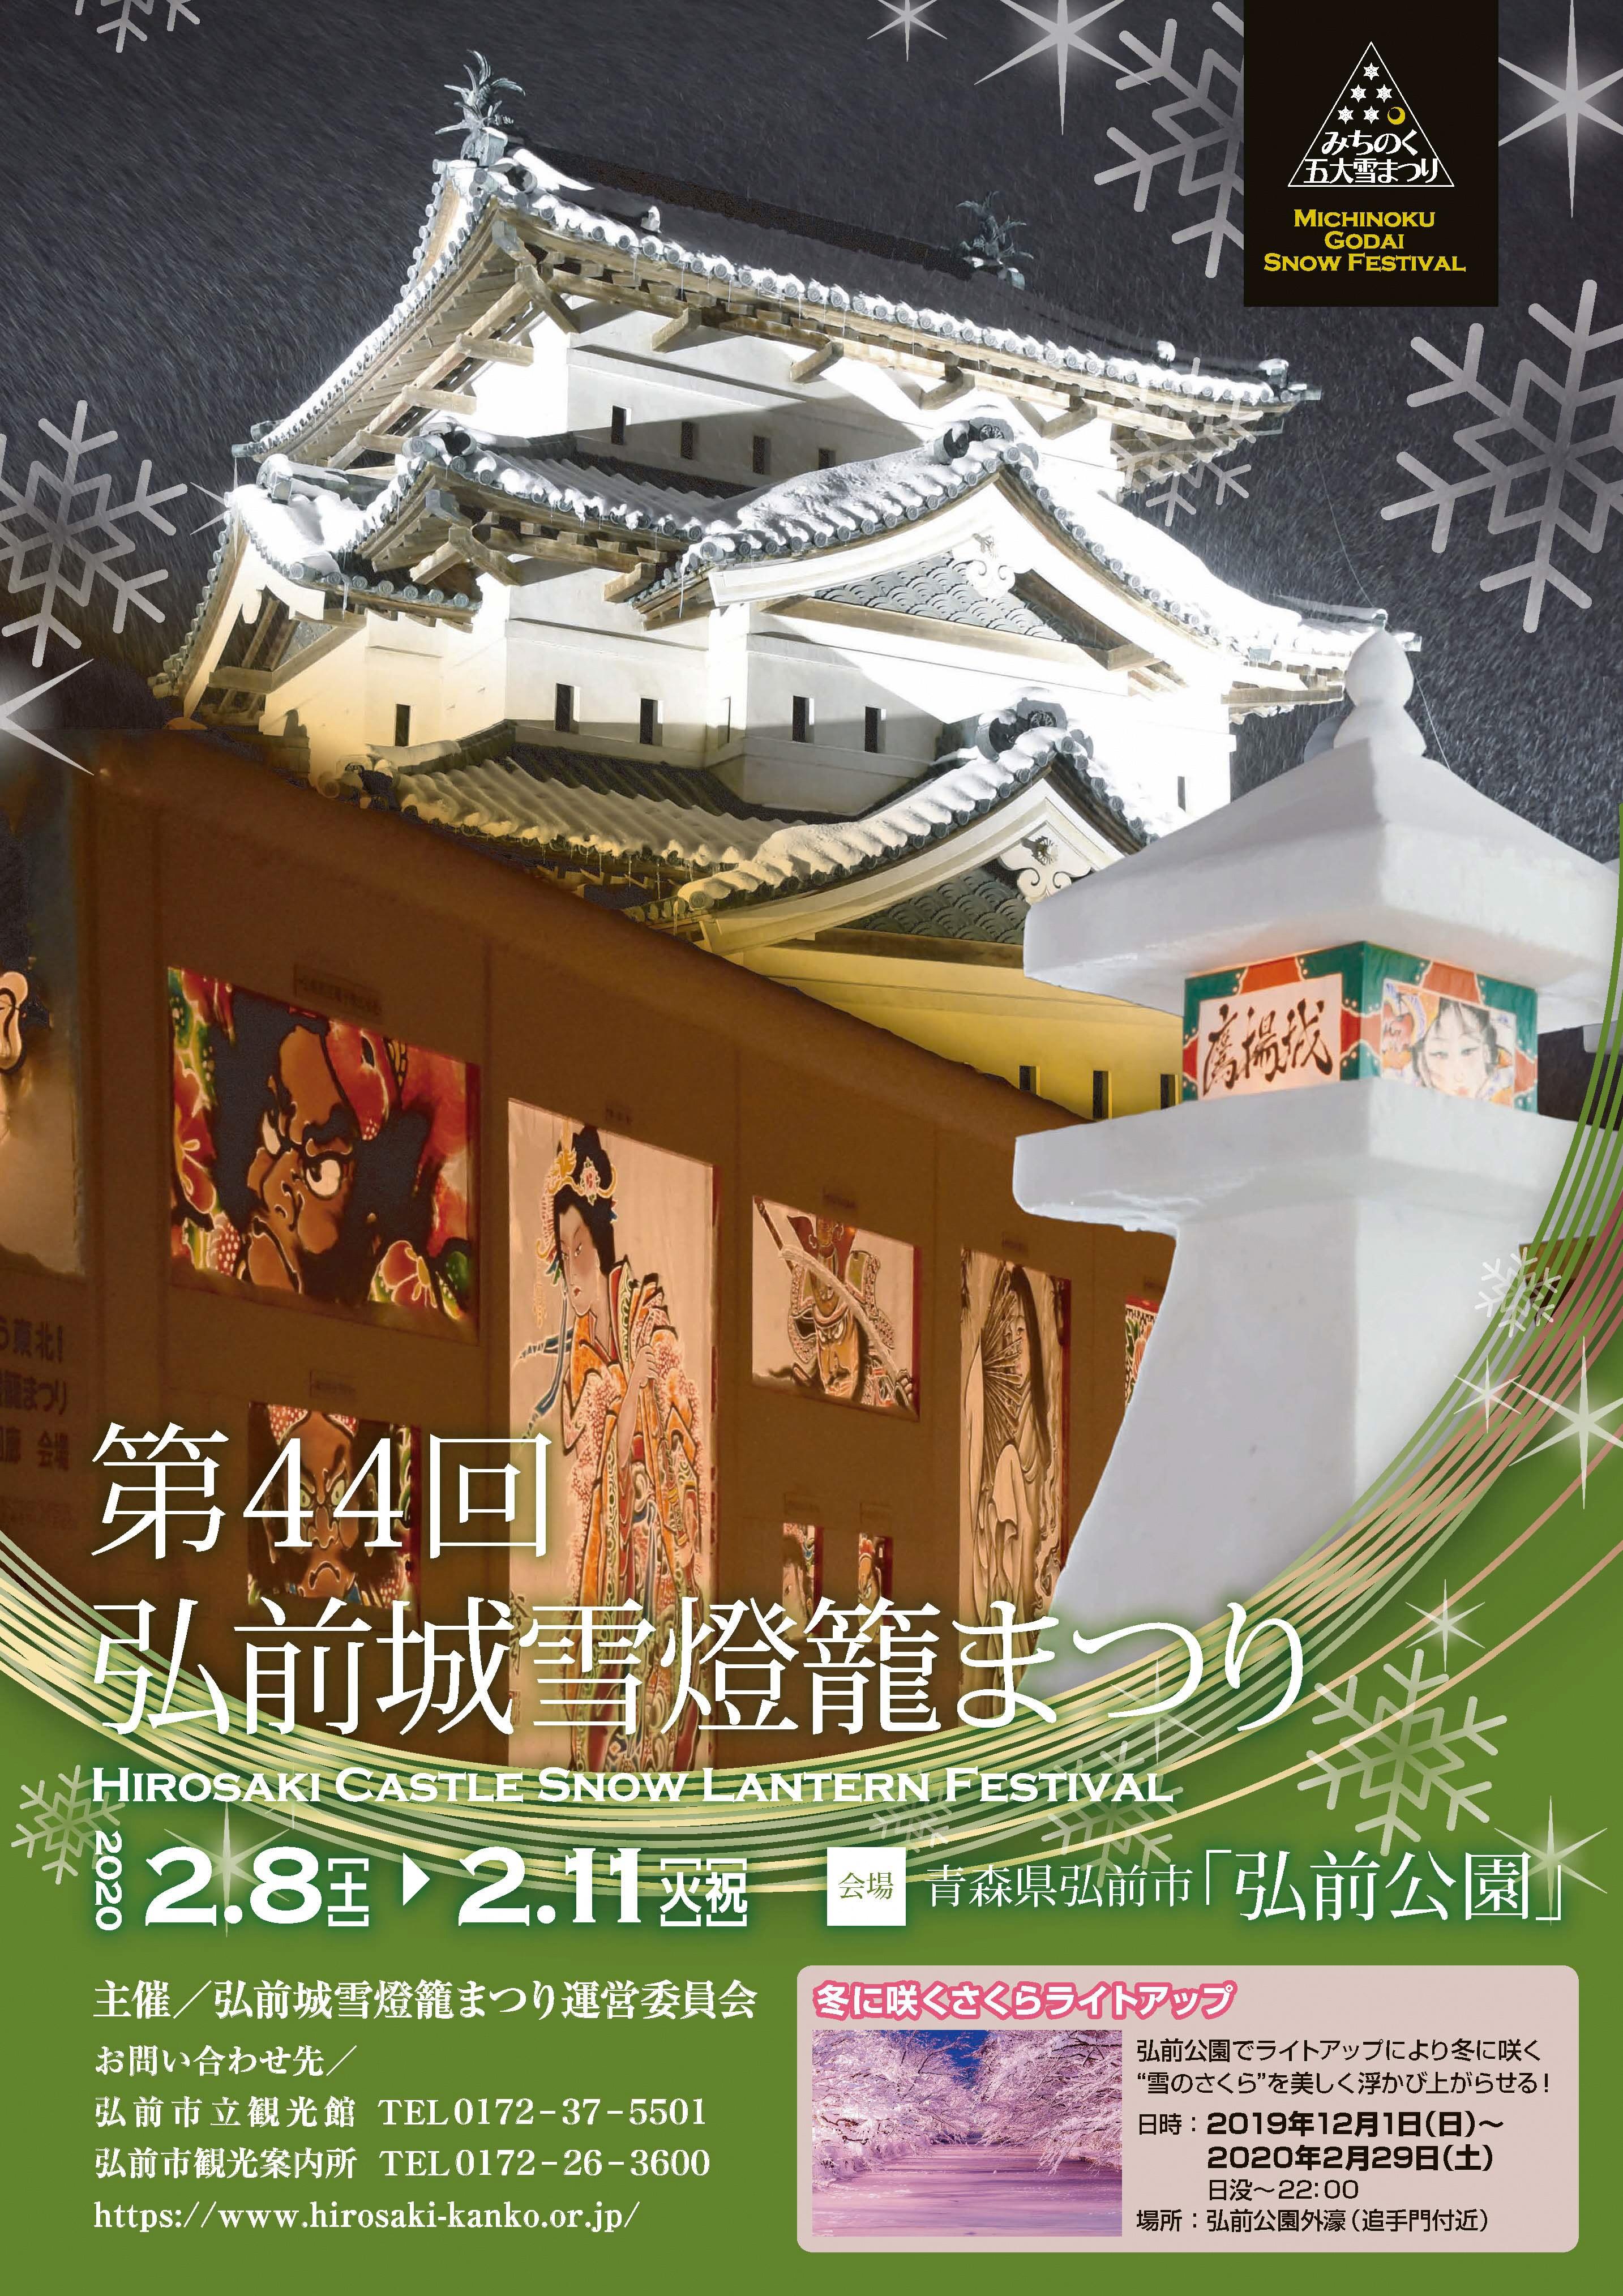 弘前城雪燈籠まつり 2020 ポスター